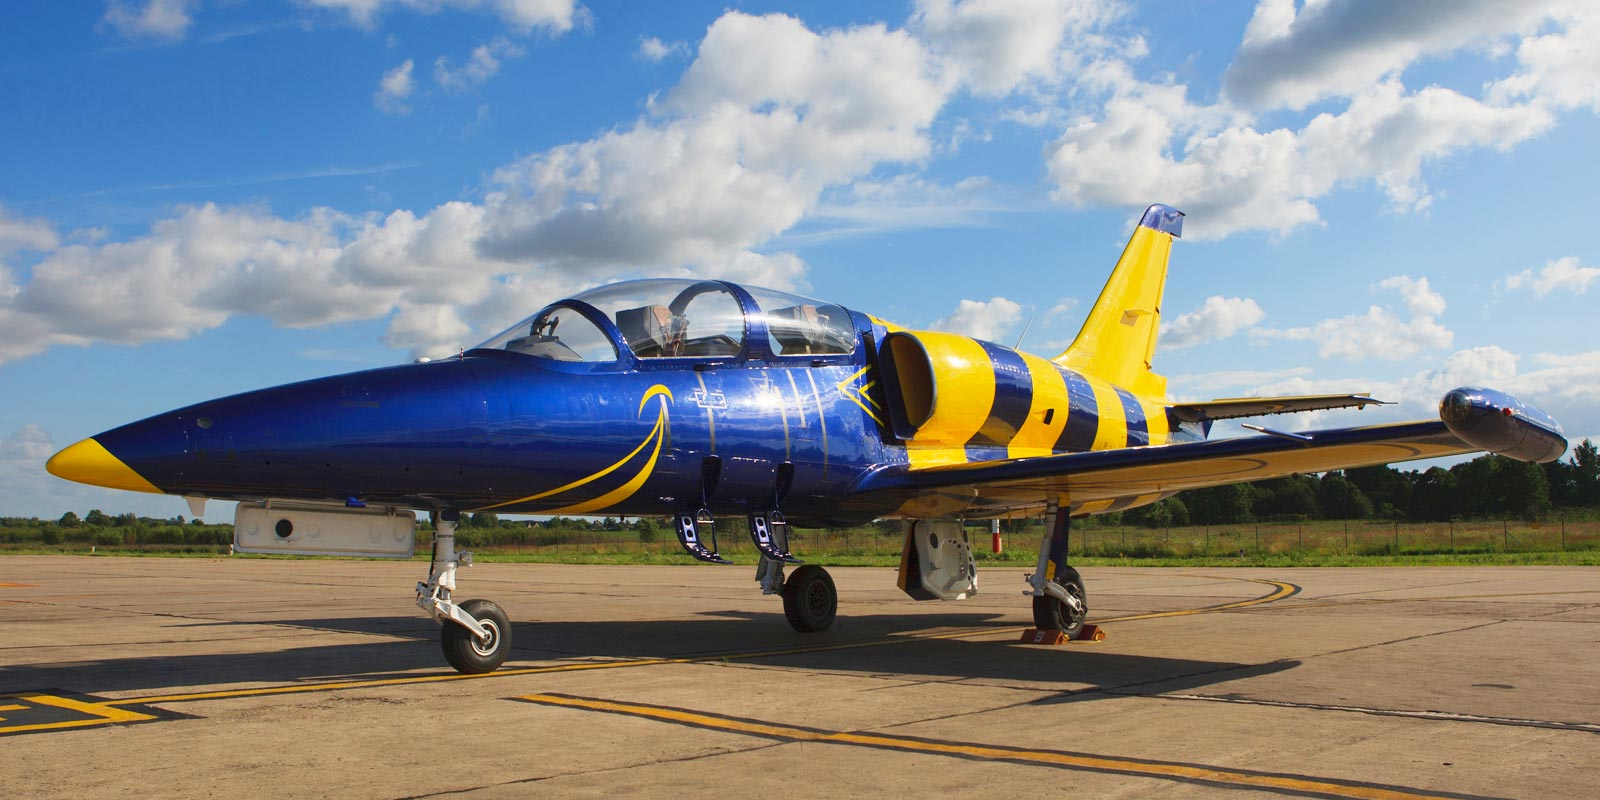 L-39 Albatros in Tampa